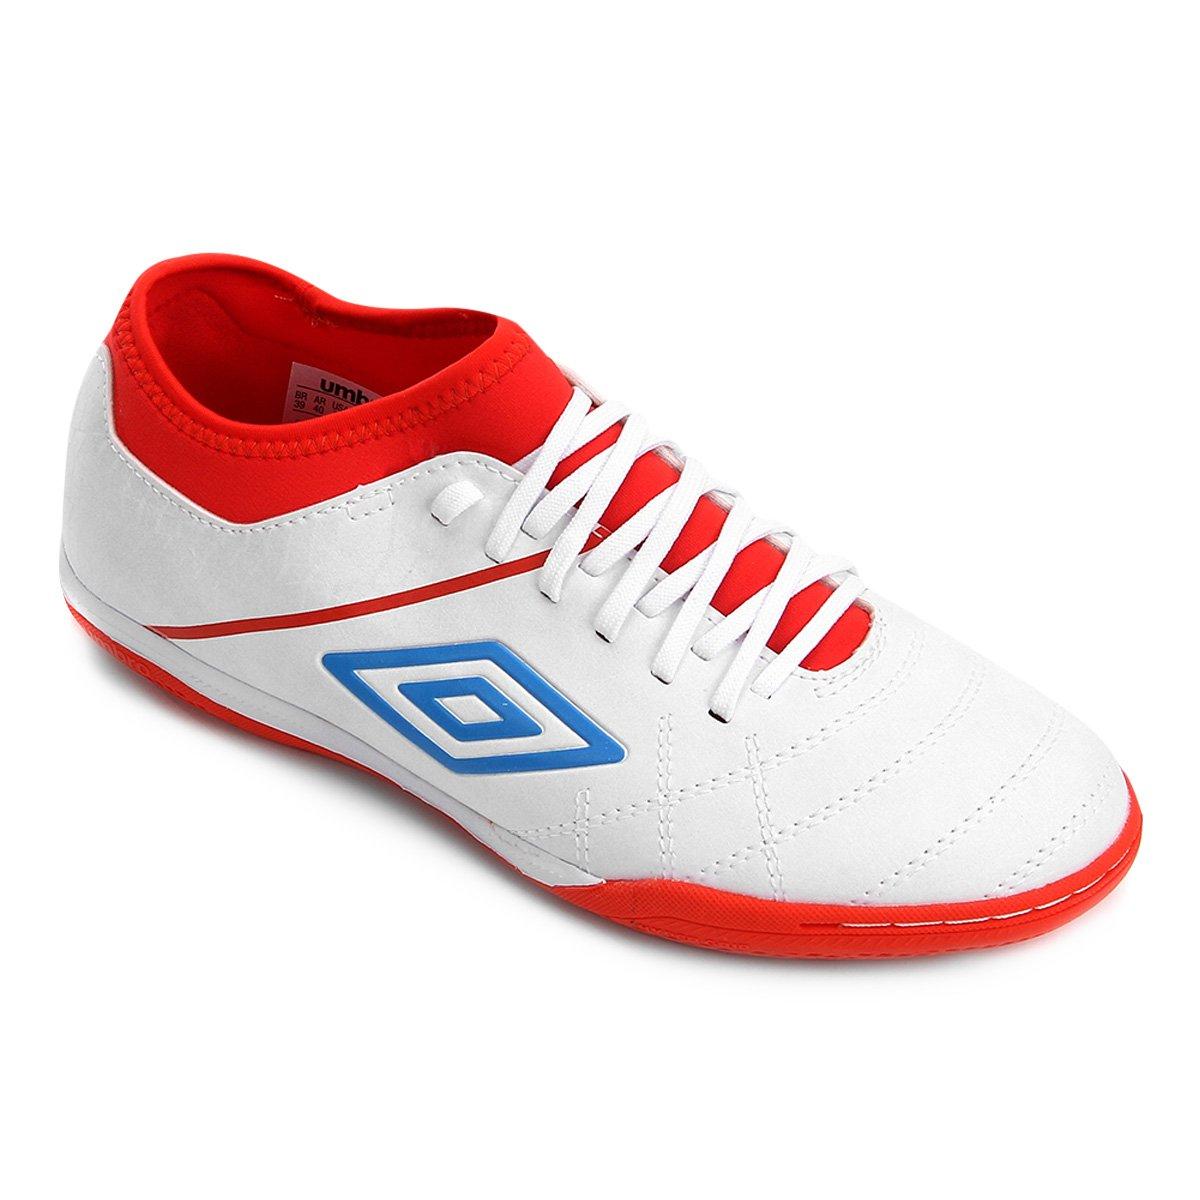 ae395e151a Chuteira Futsal Umbro Medusae III Club